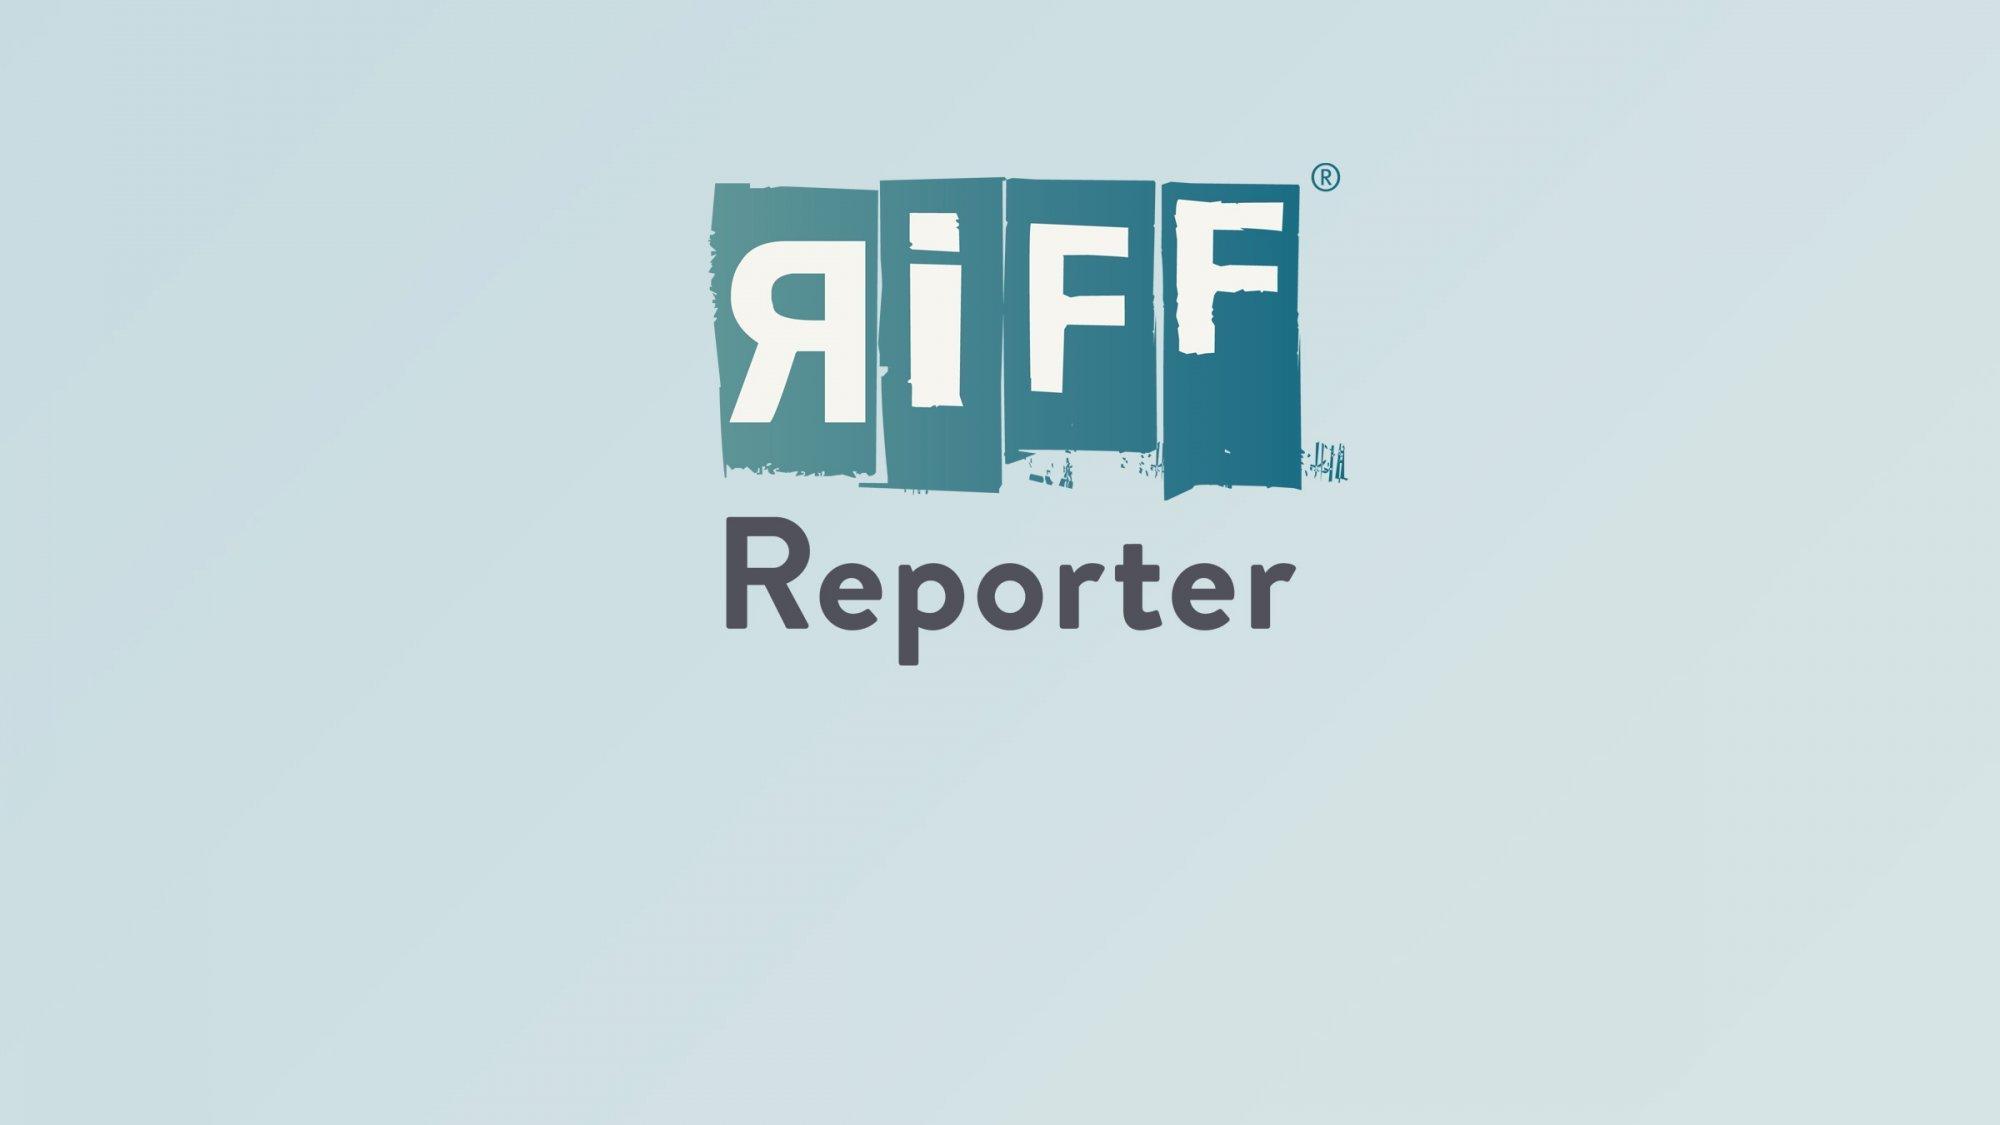 Ein blaues Rad liegt am Ufer eines Sees.